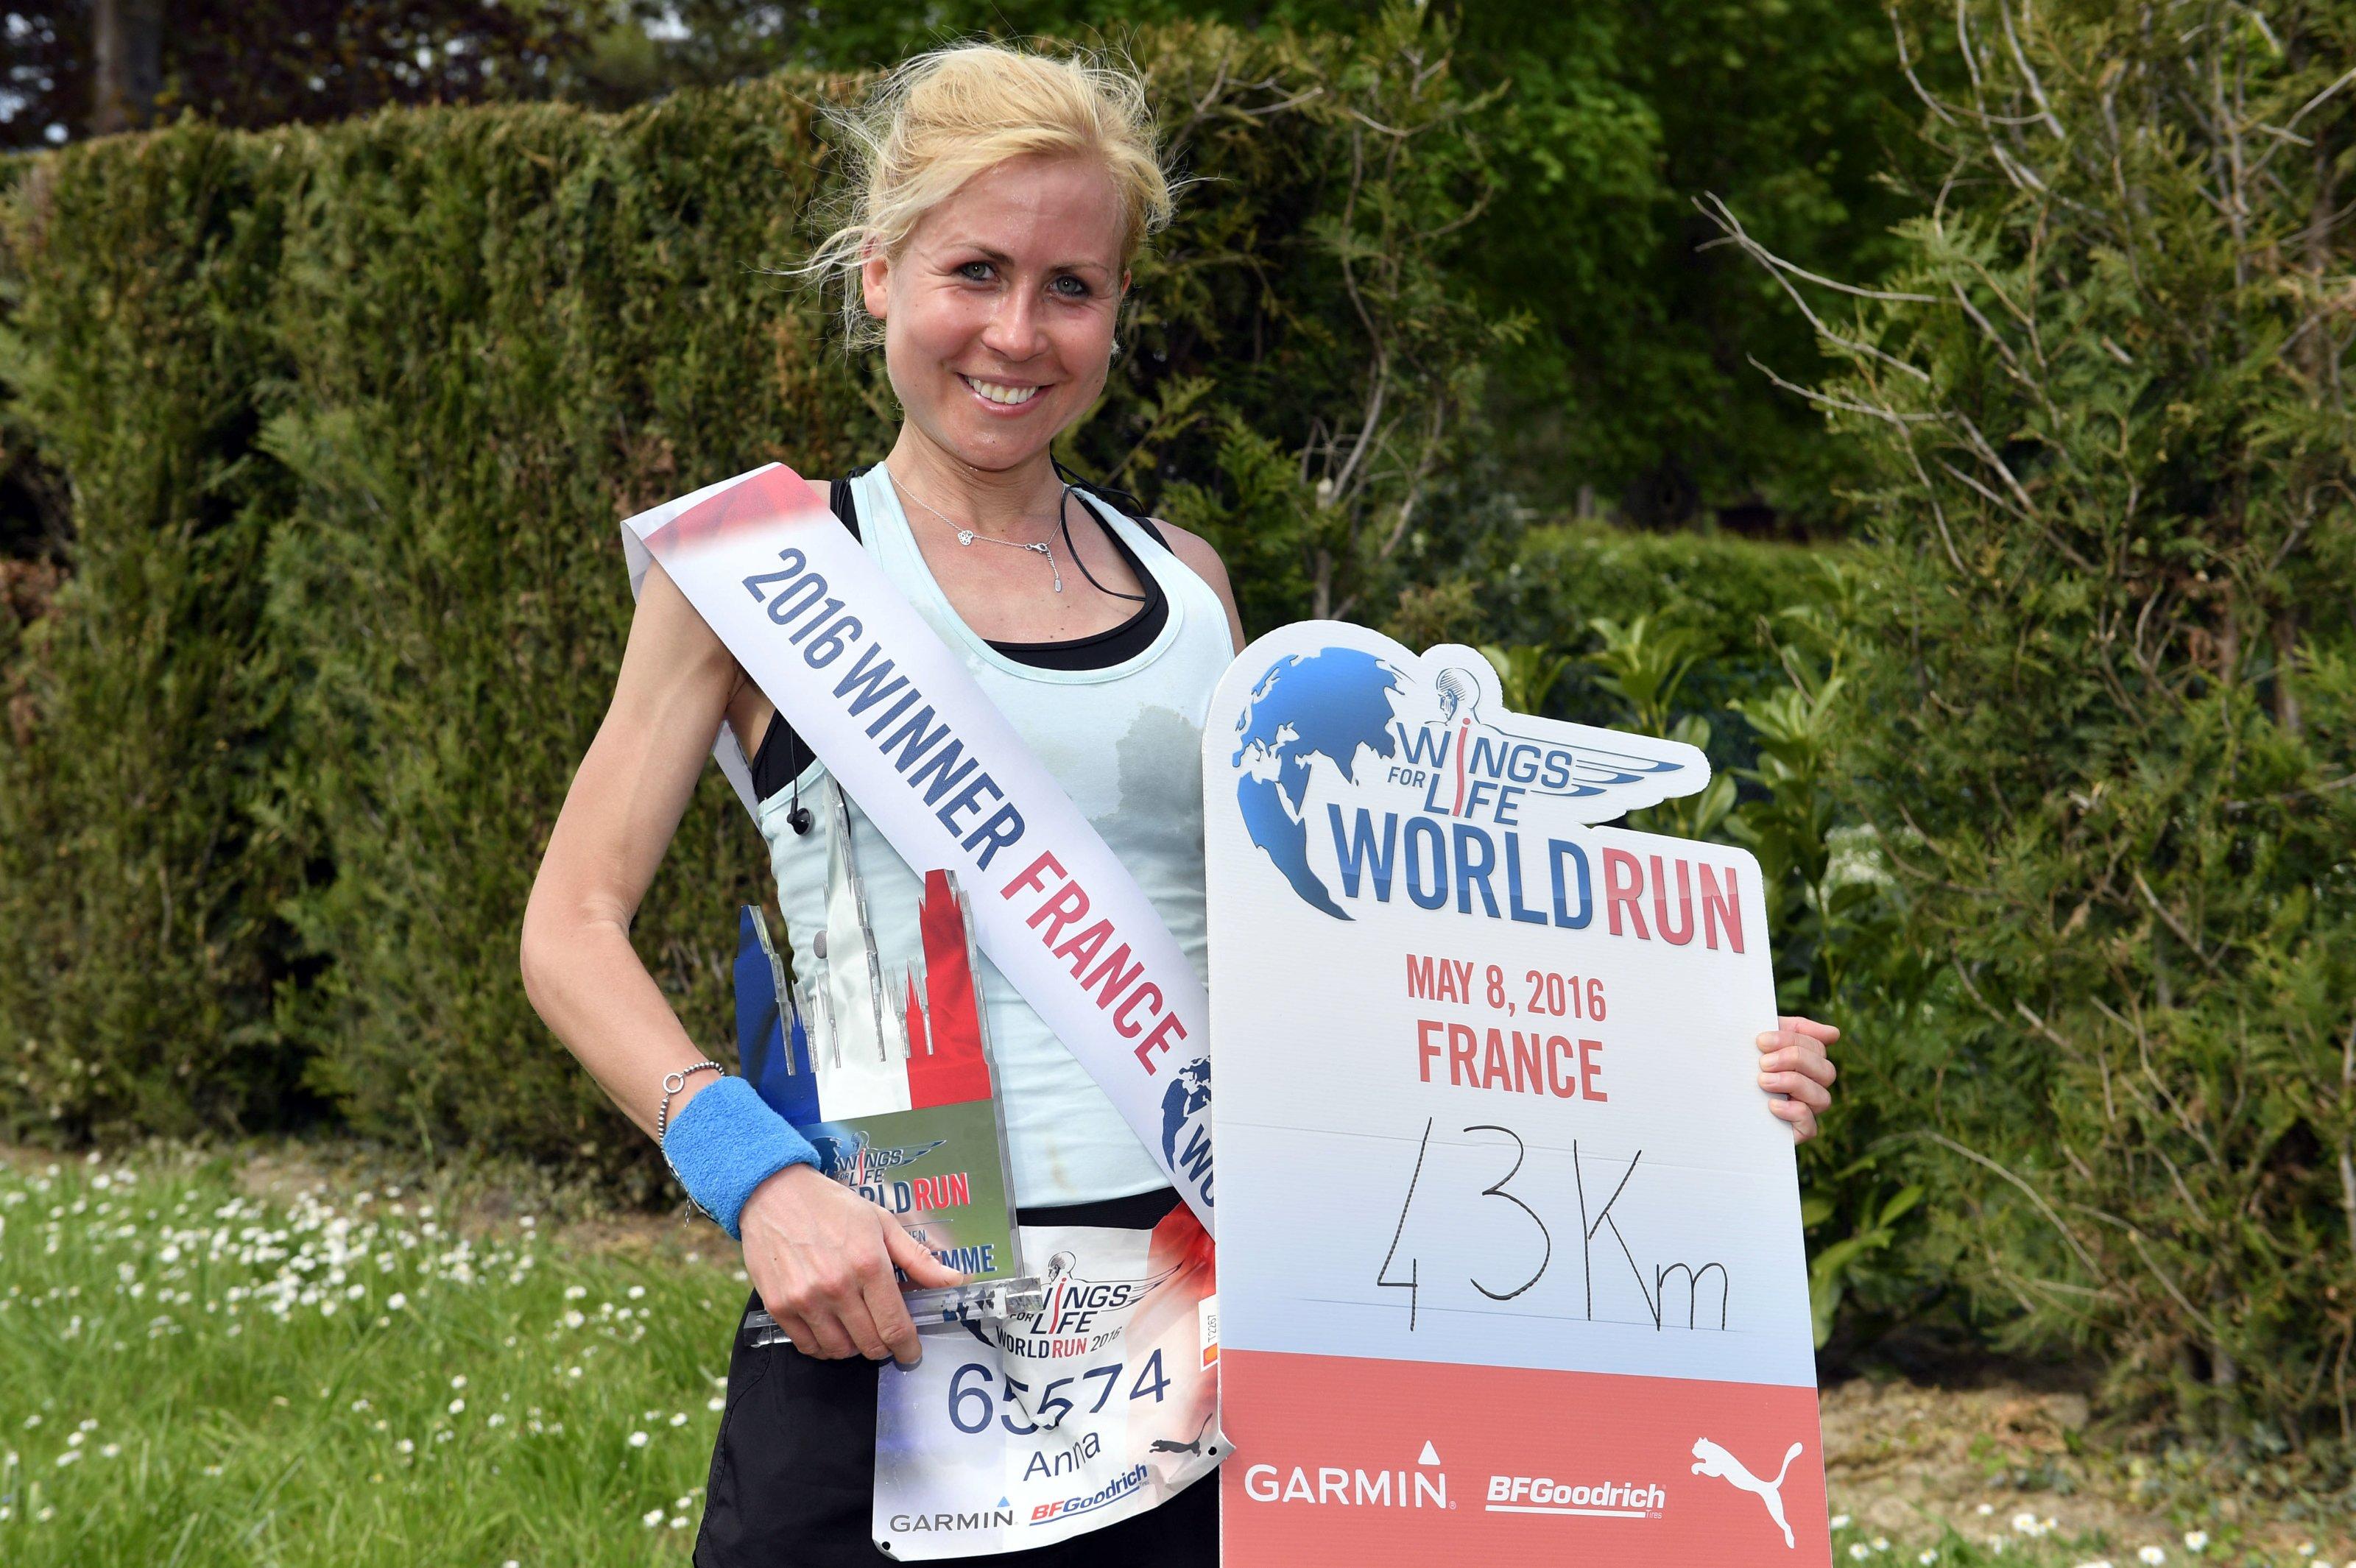 Julien Crosnier for Wings for Life World Run